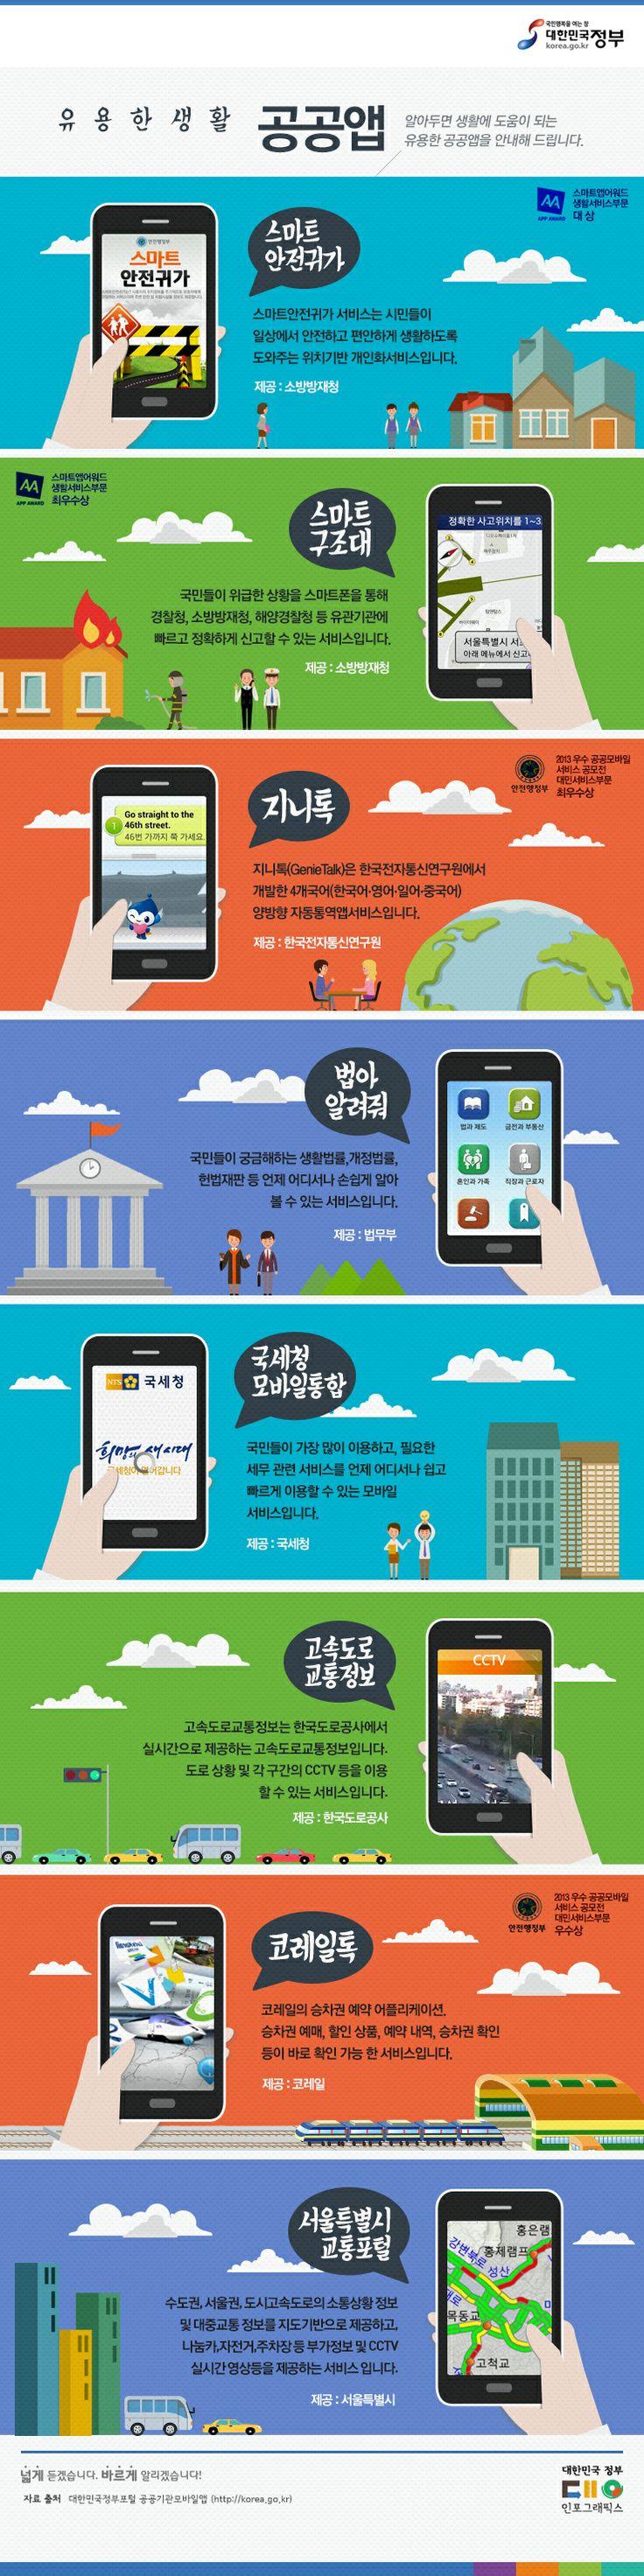 생활 속 유용한 공공앱에 관한 인포그래픽